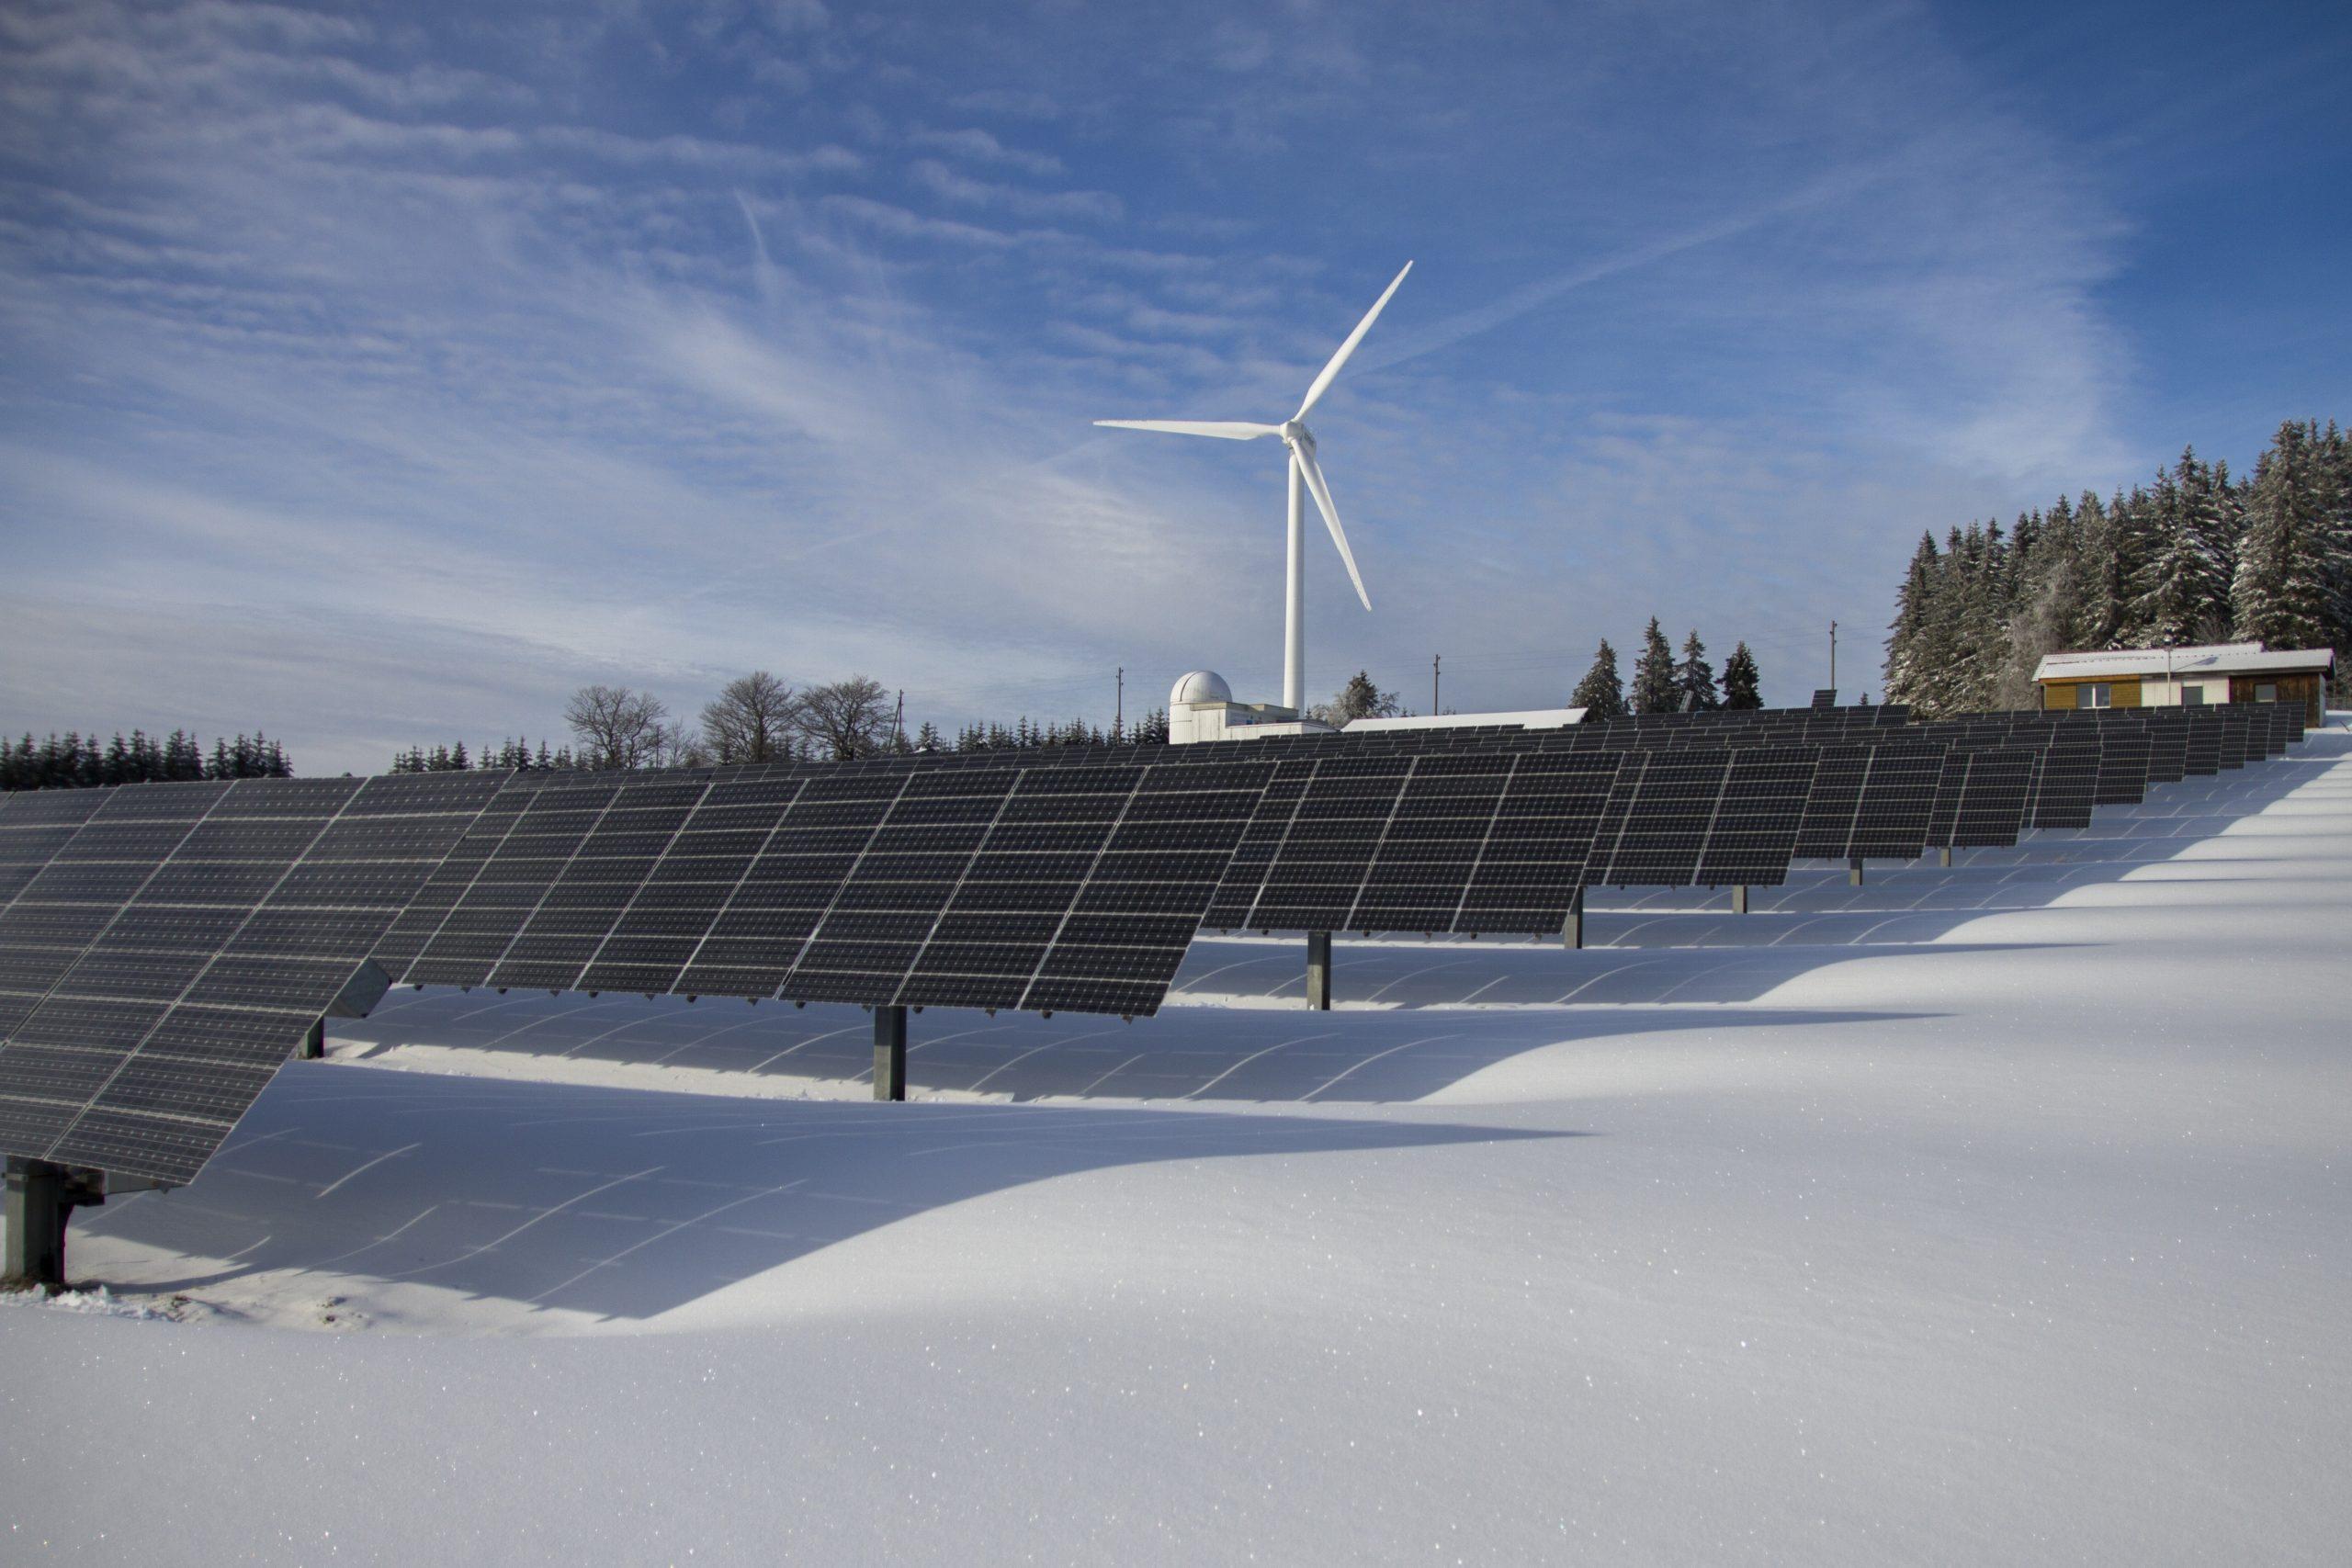 Overvejelser-før-du-investerer-i-solcelleanlæg